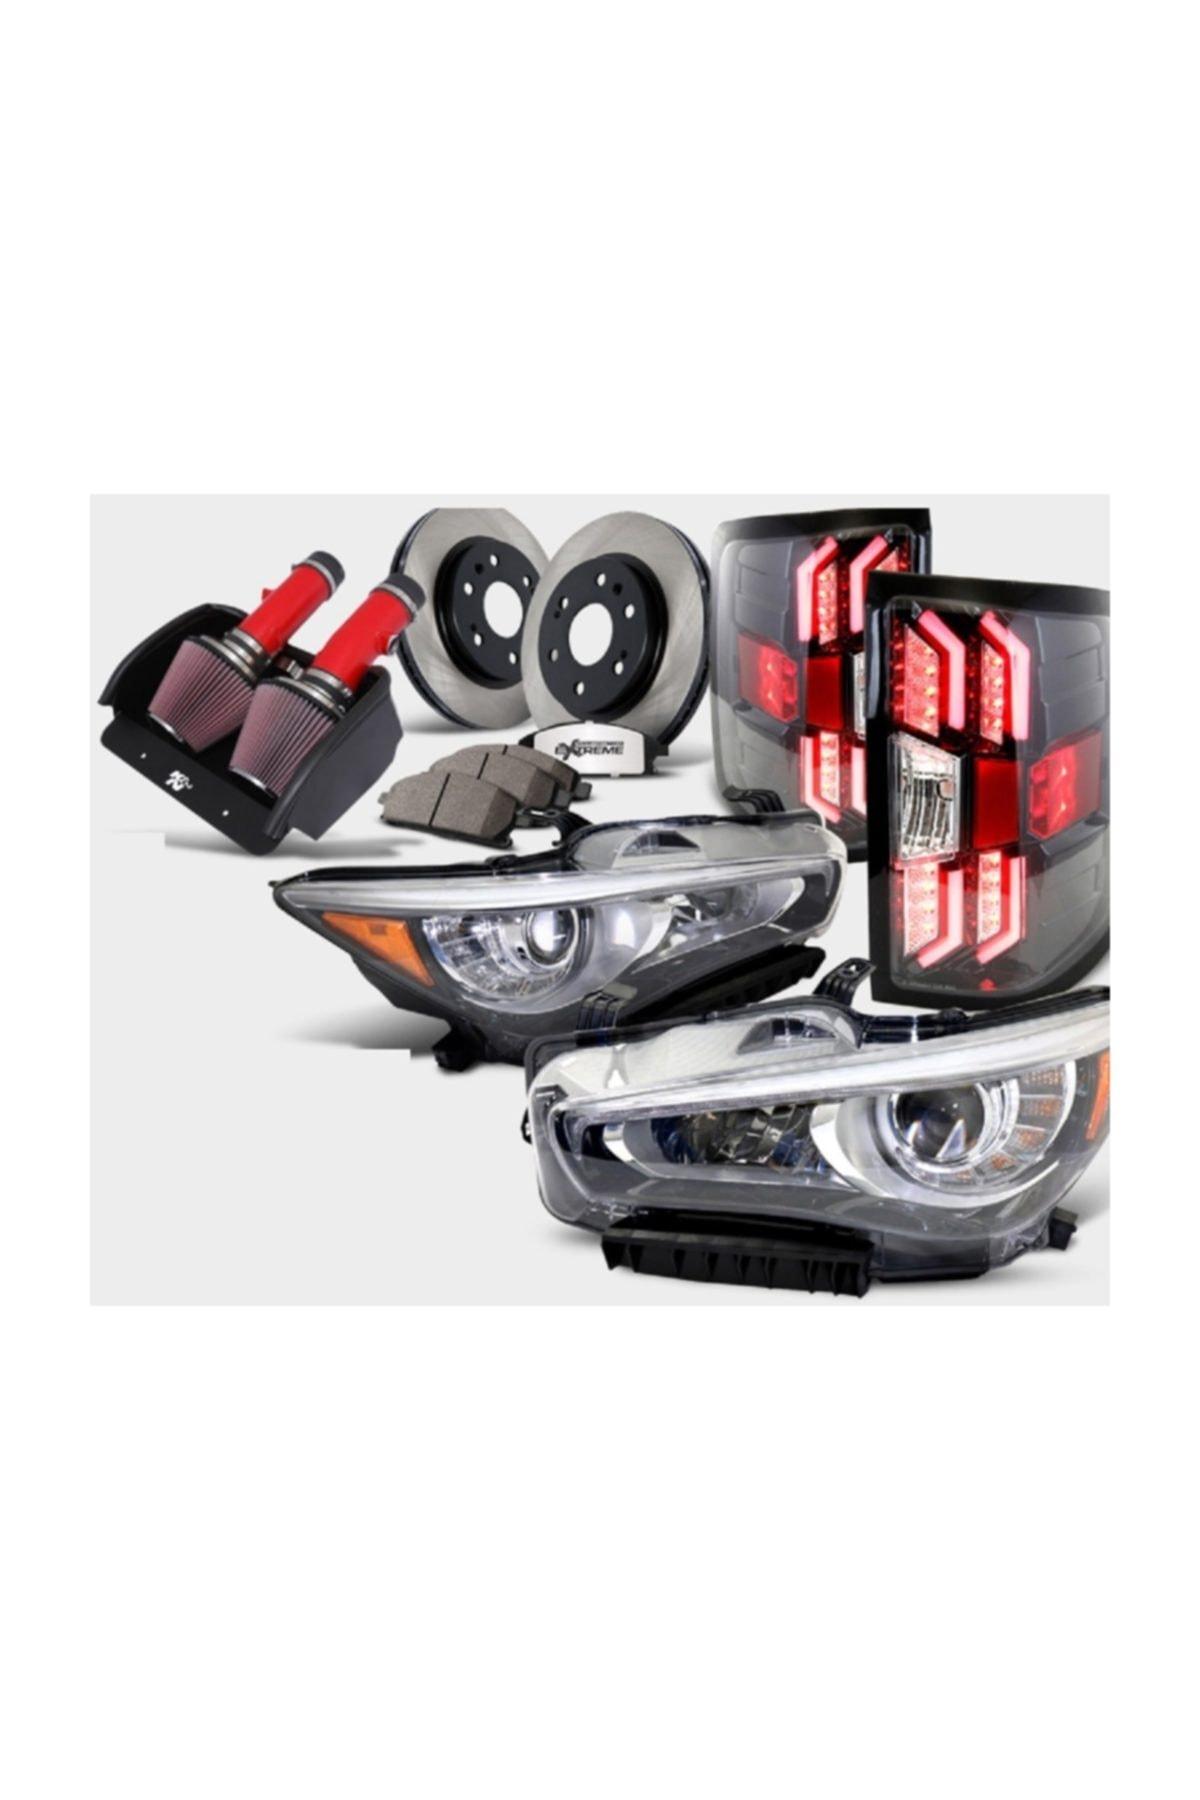 Silbak Silecek Supurgesi Arka Plastik Tip 380mm Ford Focus Ii (07040106) -7gp 18a886 Ab, Am5t 18a886 Aa, 97 2